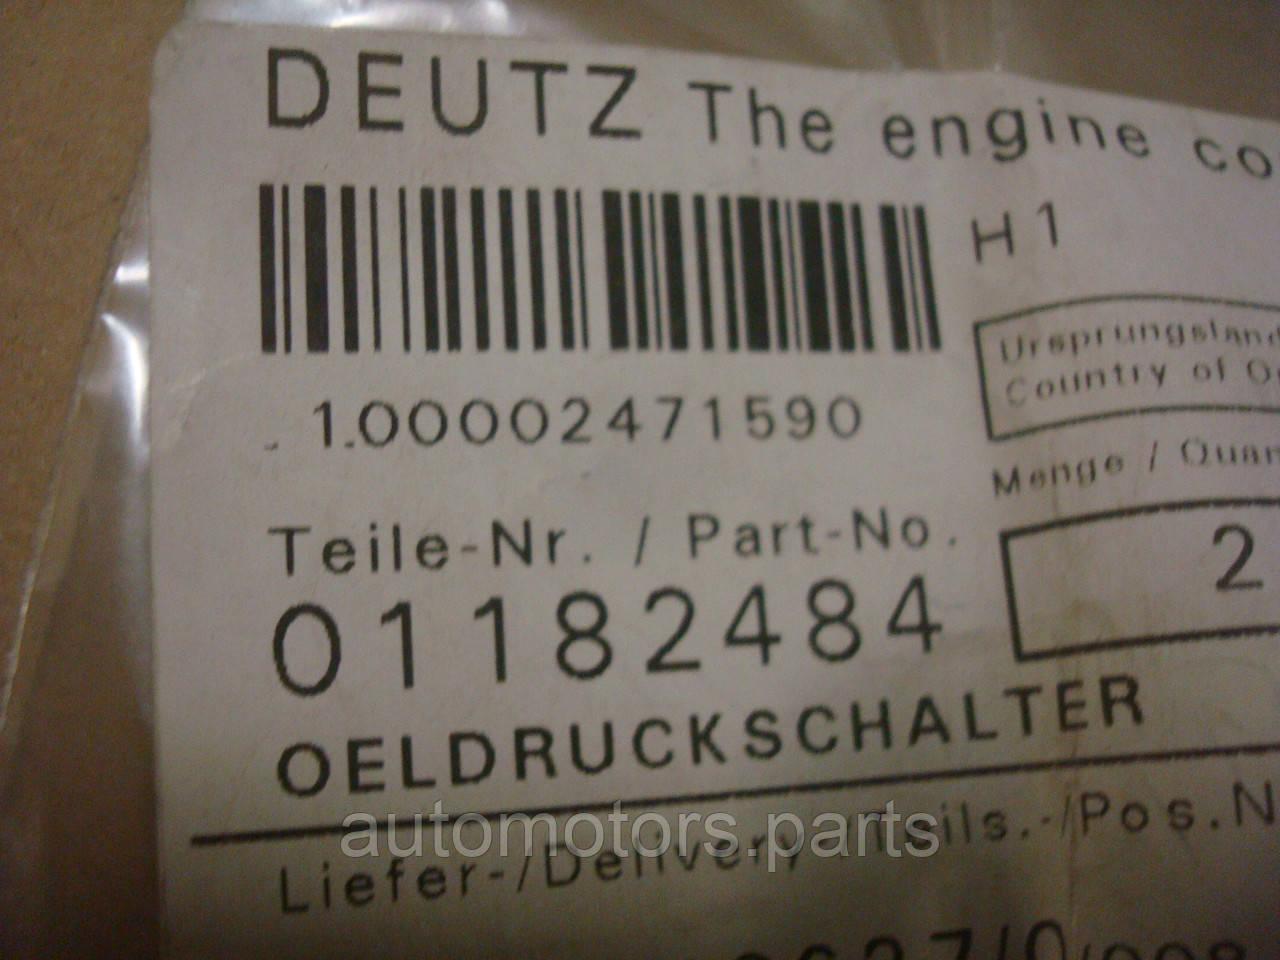 Датчик давления системы смазки в блок Deutz 01182484